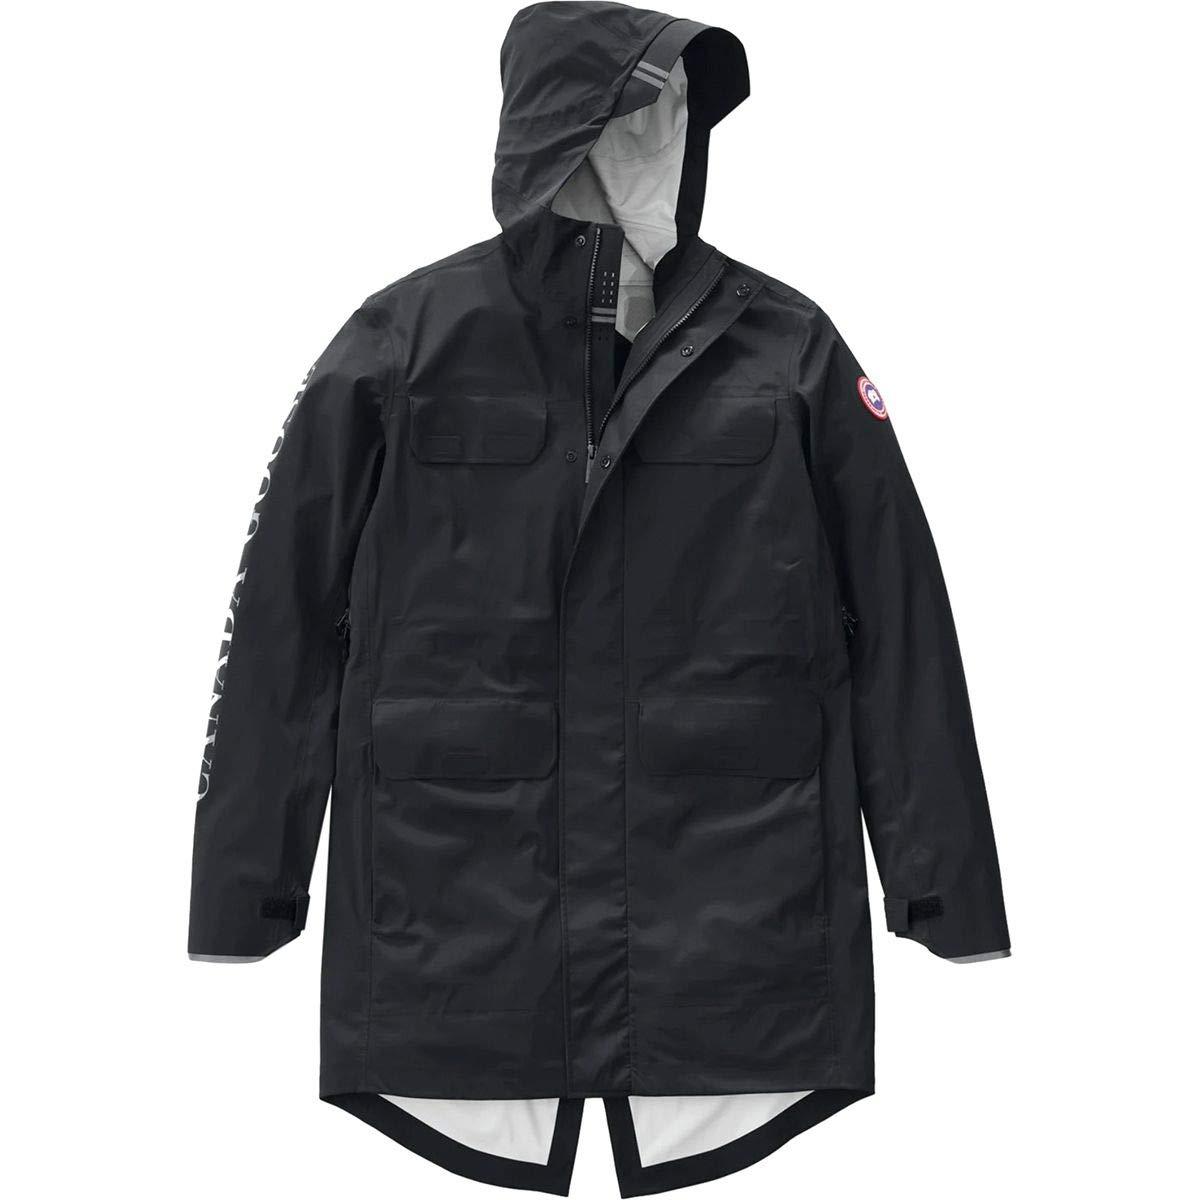 [カナダグース] B07QMLRM7Z メンズ ジャケット&ブルゾン メンズ Seawolf Jacket [並行輸入品] B07QMLRM7Z Seawolf S, セキカワムラ:899da22a --- gallery-rugdoll.com